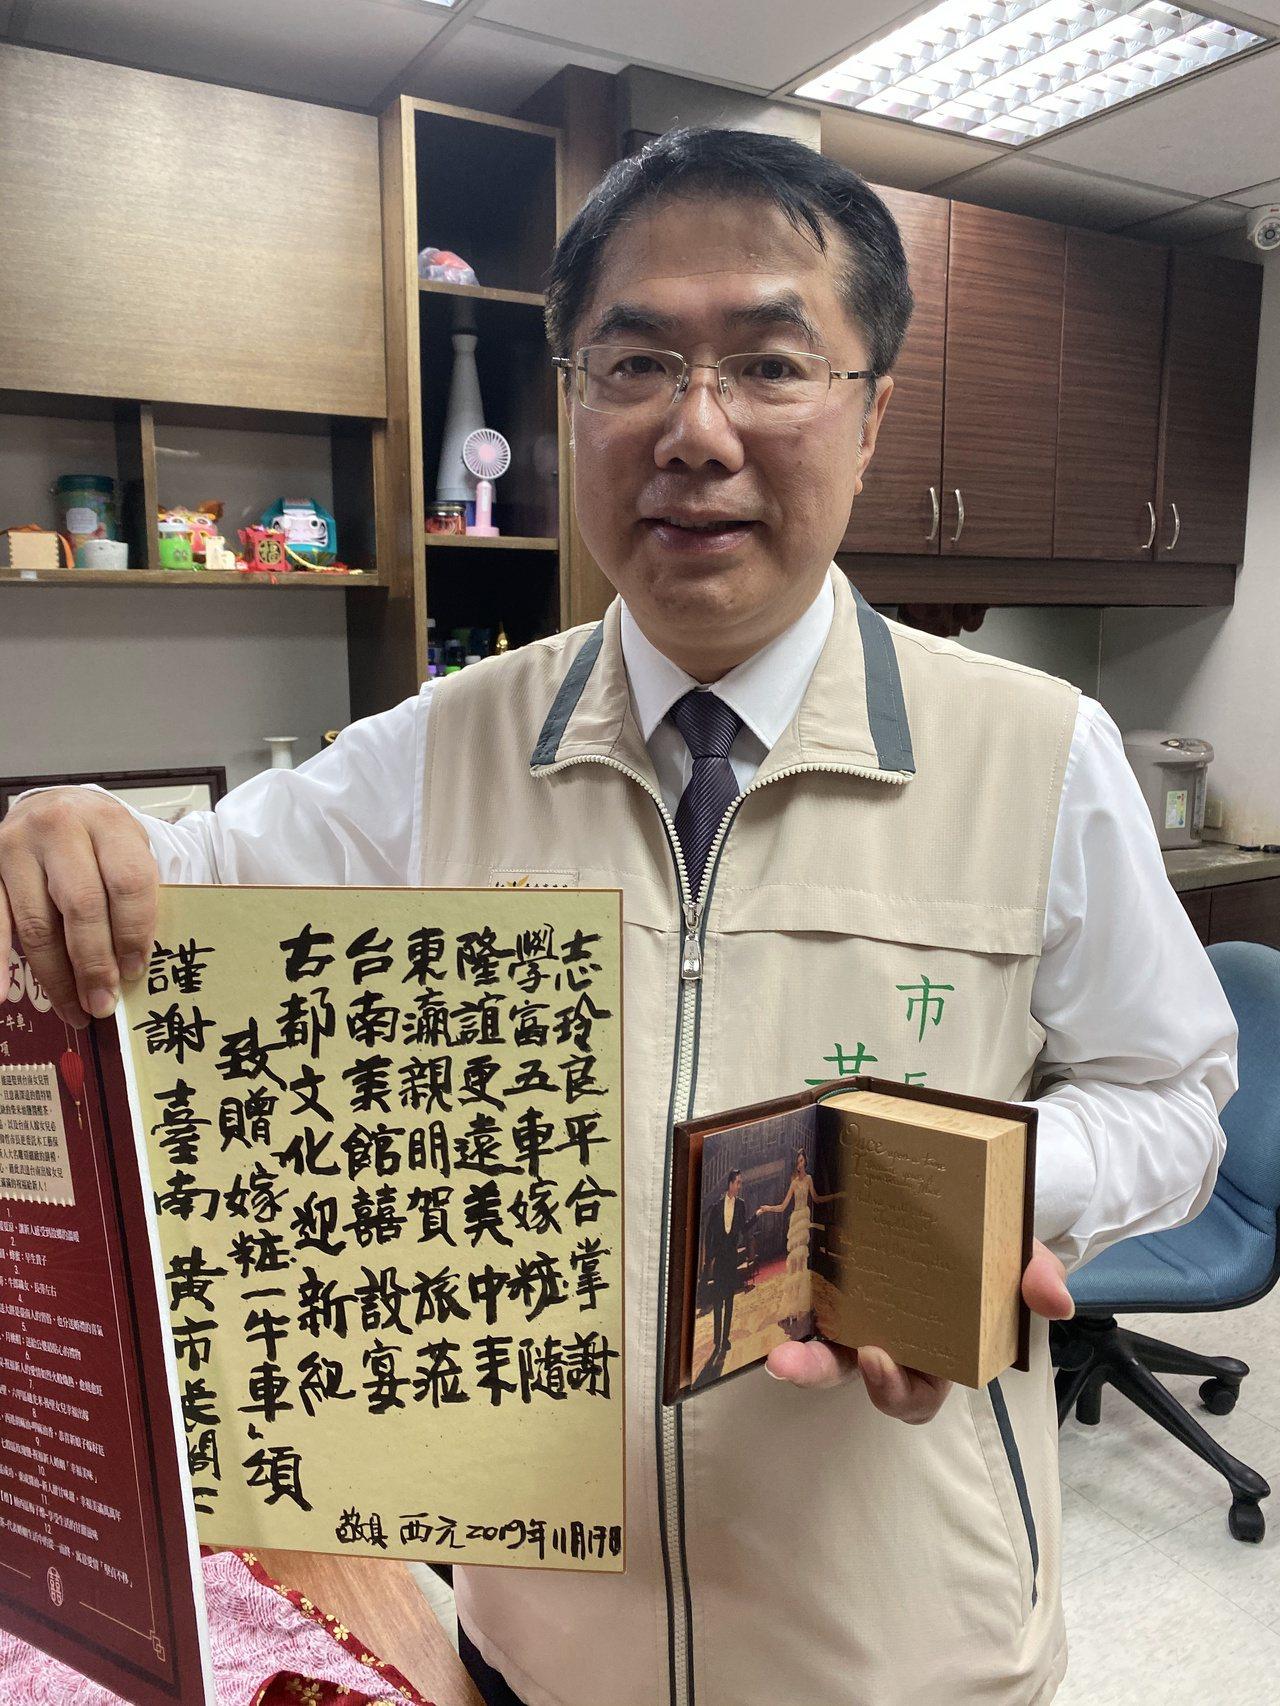 台南市長黃偉哲上午公布林志玲的回禮。記者修瑞瑩/攝影